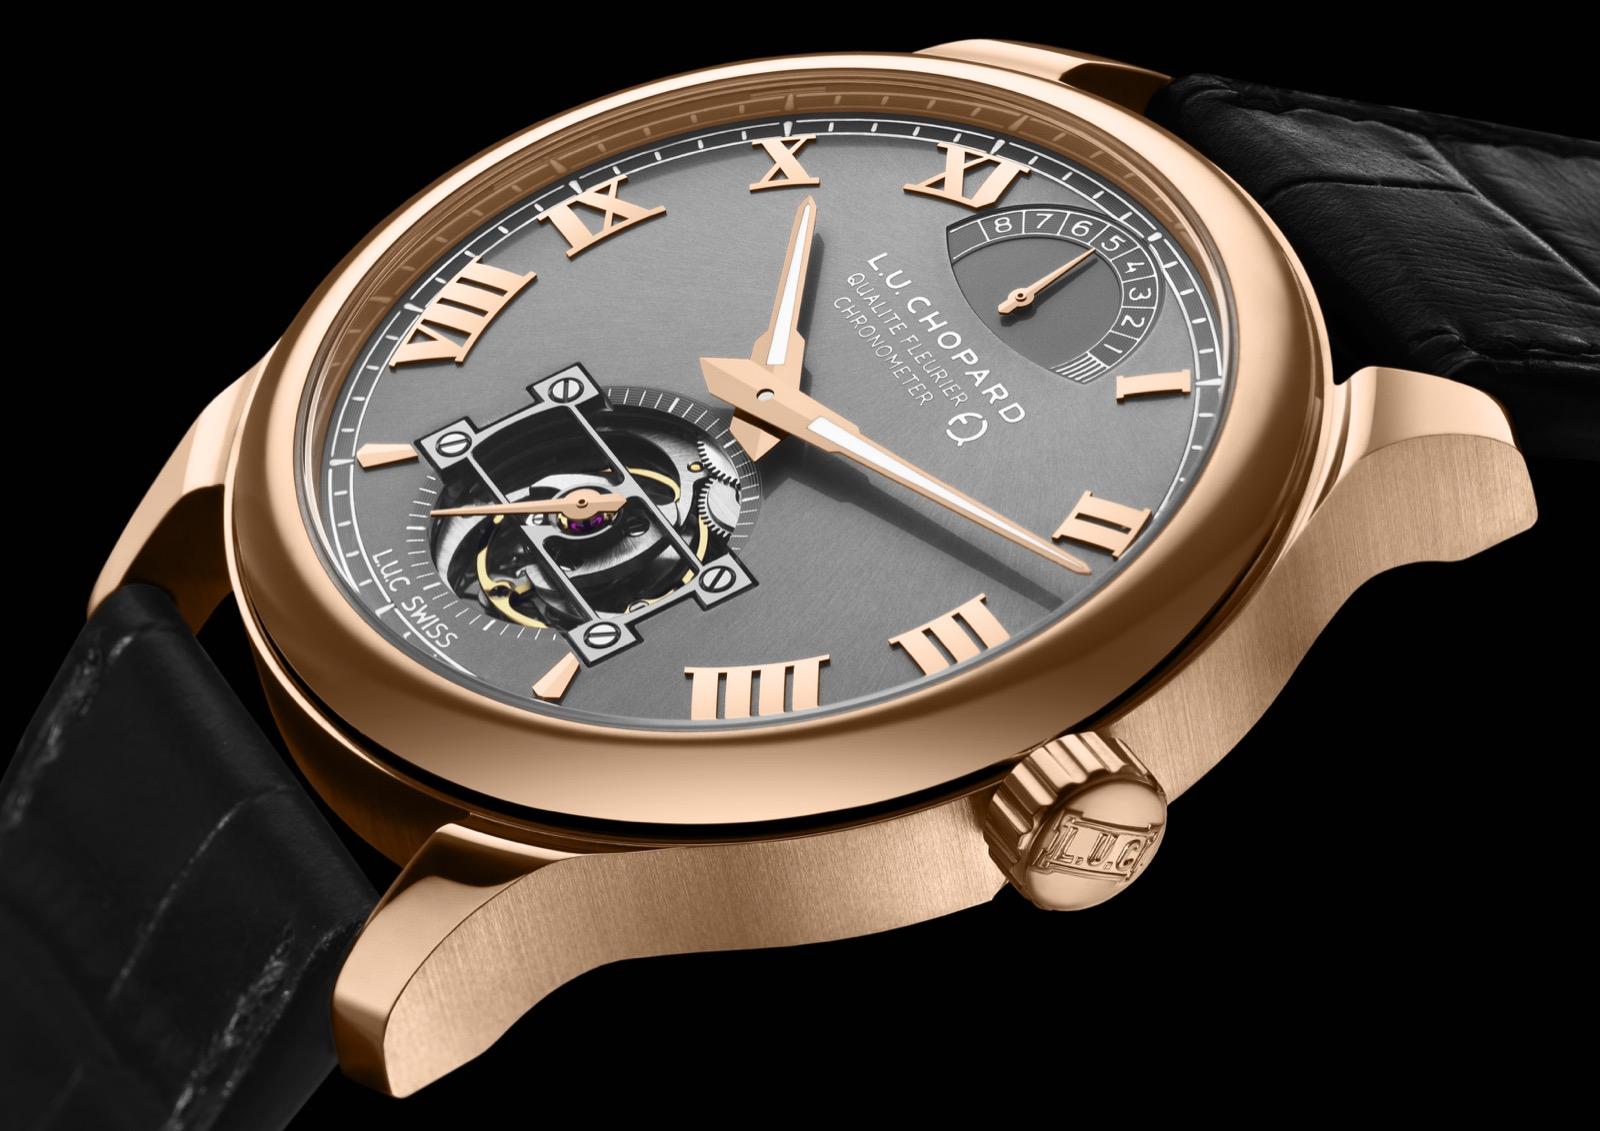 El primer reloj fabricado con oro Fairmined, el L.U.C Tourbillon QF Fairmined